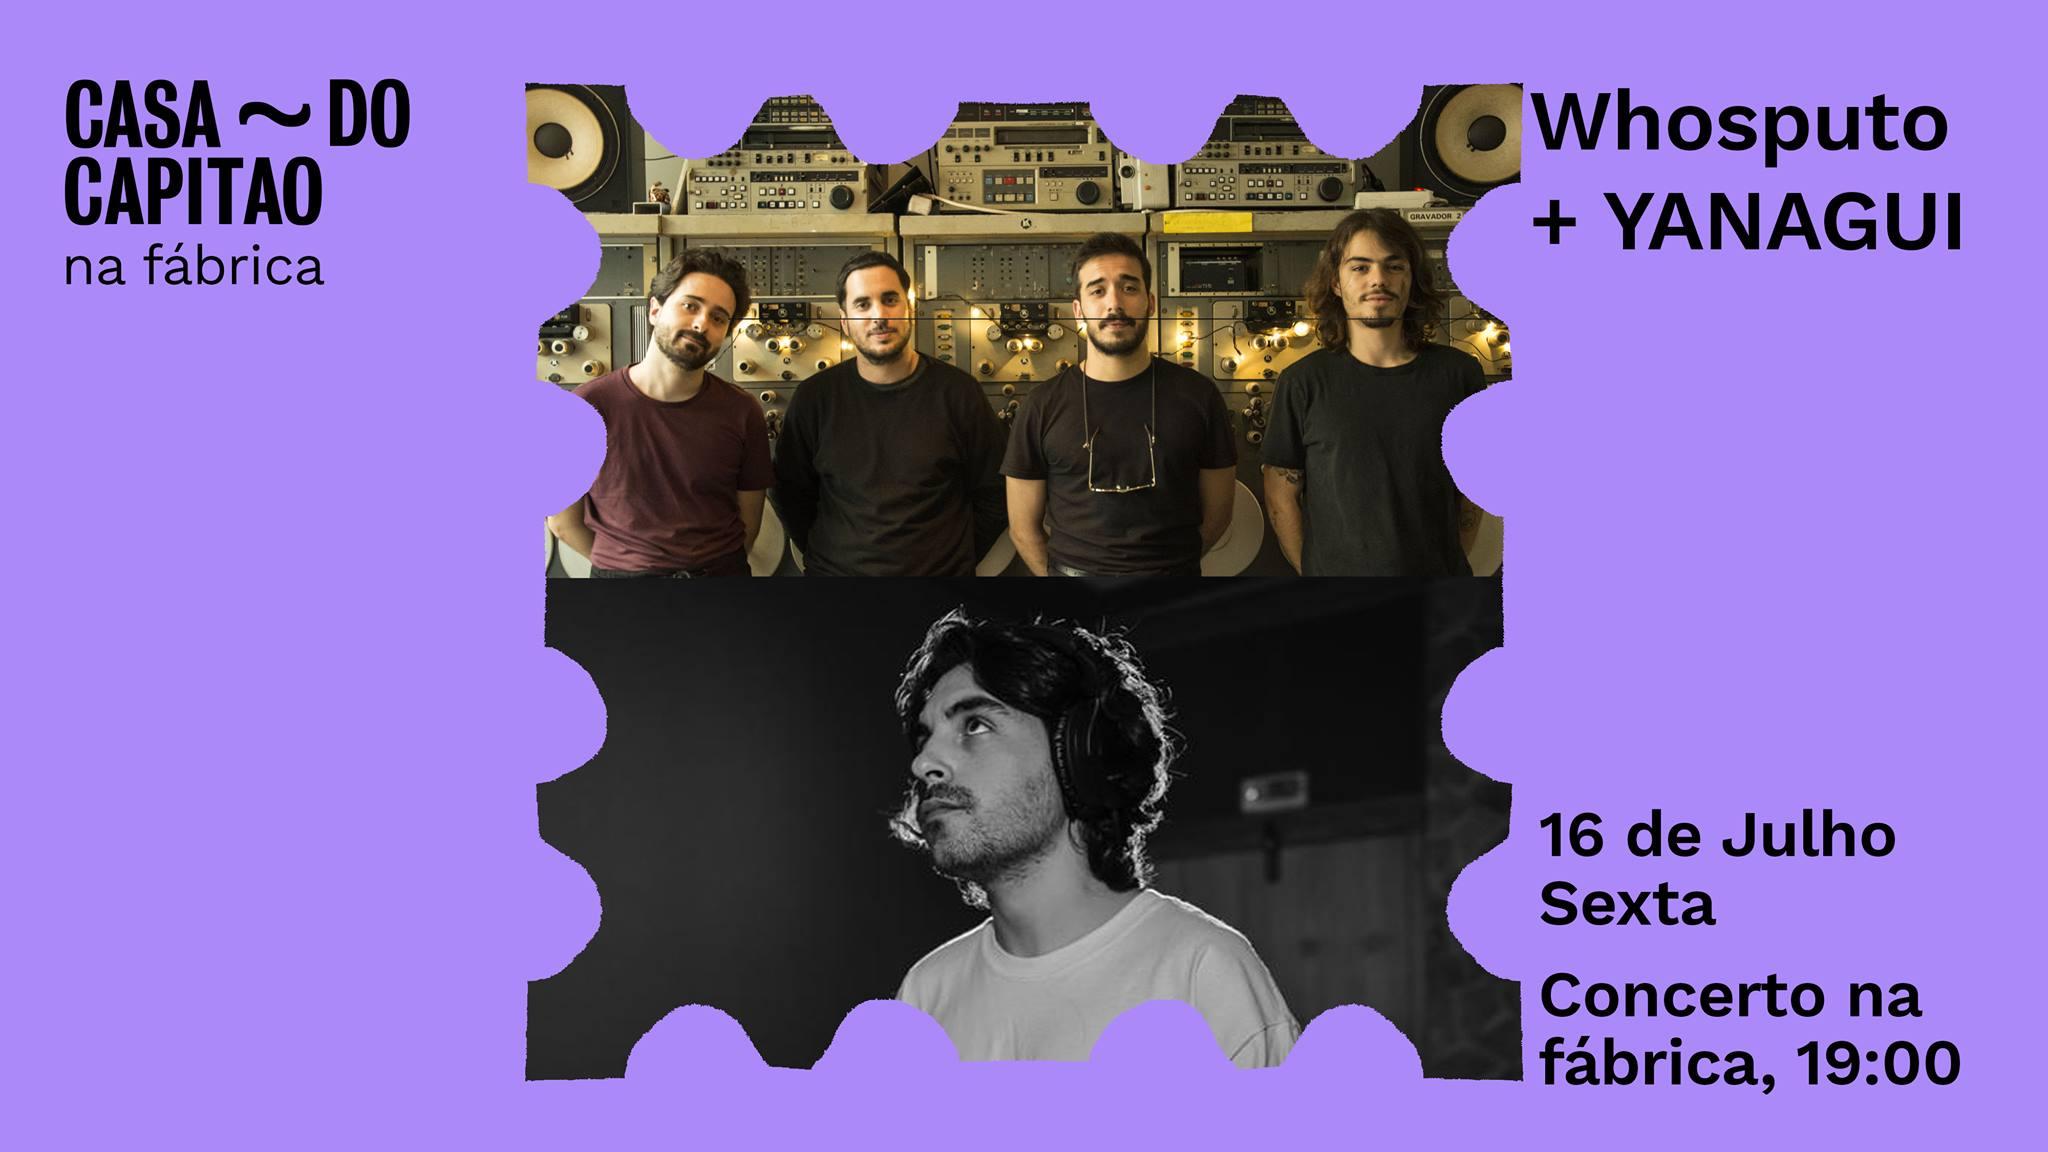 Whosputo + Yanagui • concerto na fábrica